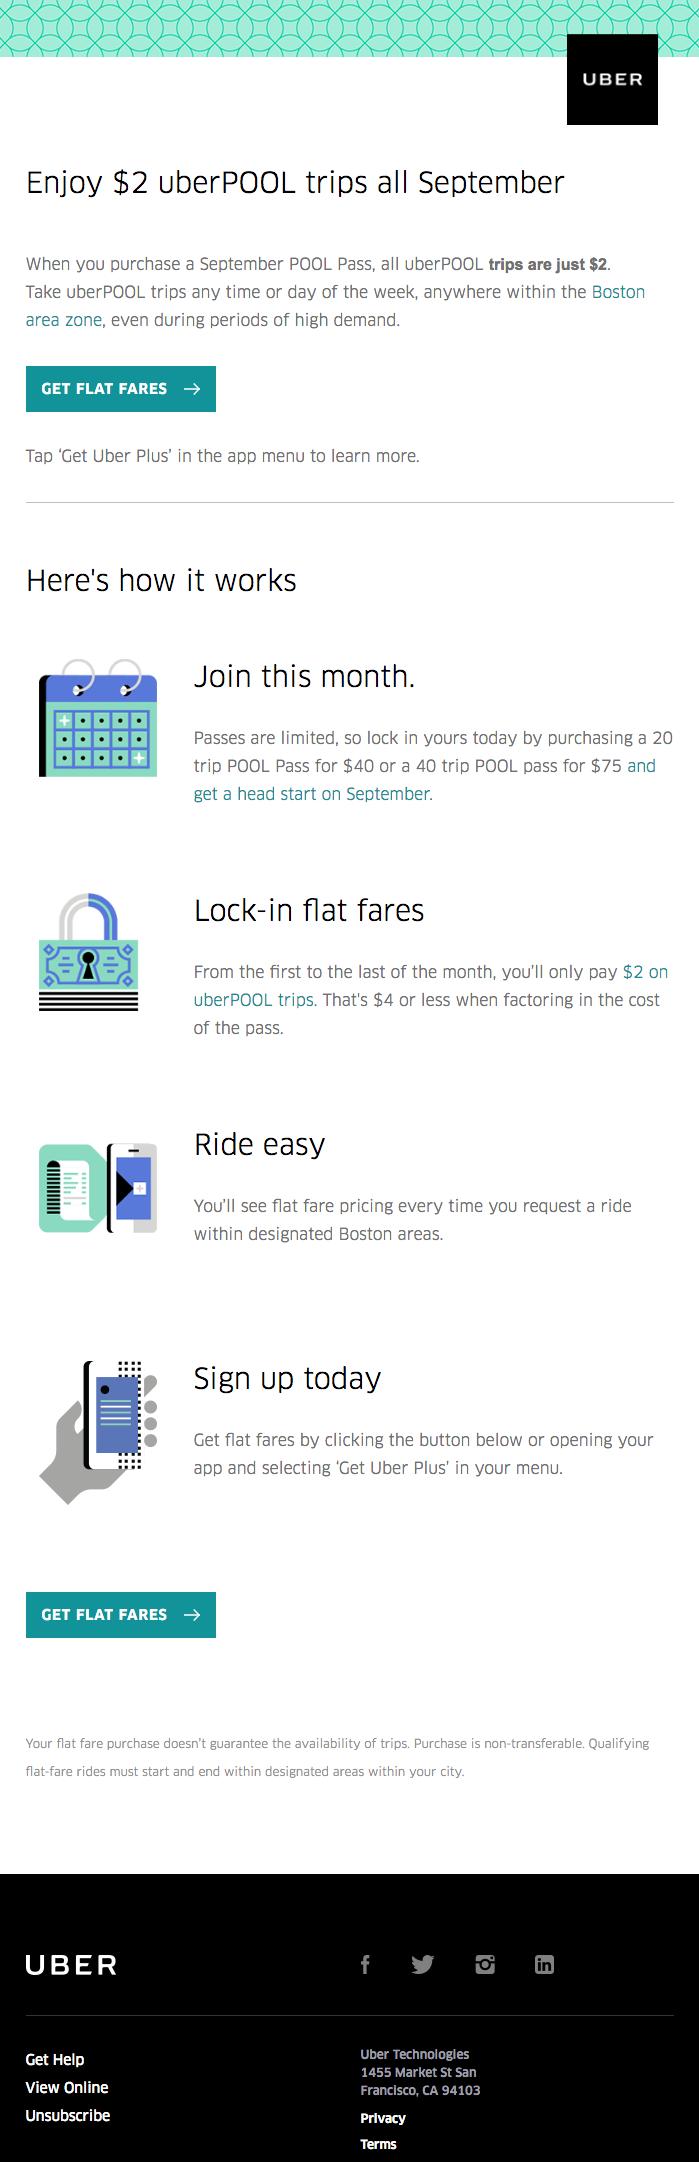 Beispiele herausragender E-Mail-Marketing-Kampagnen – Uber